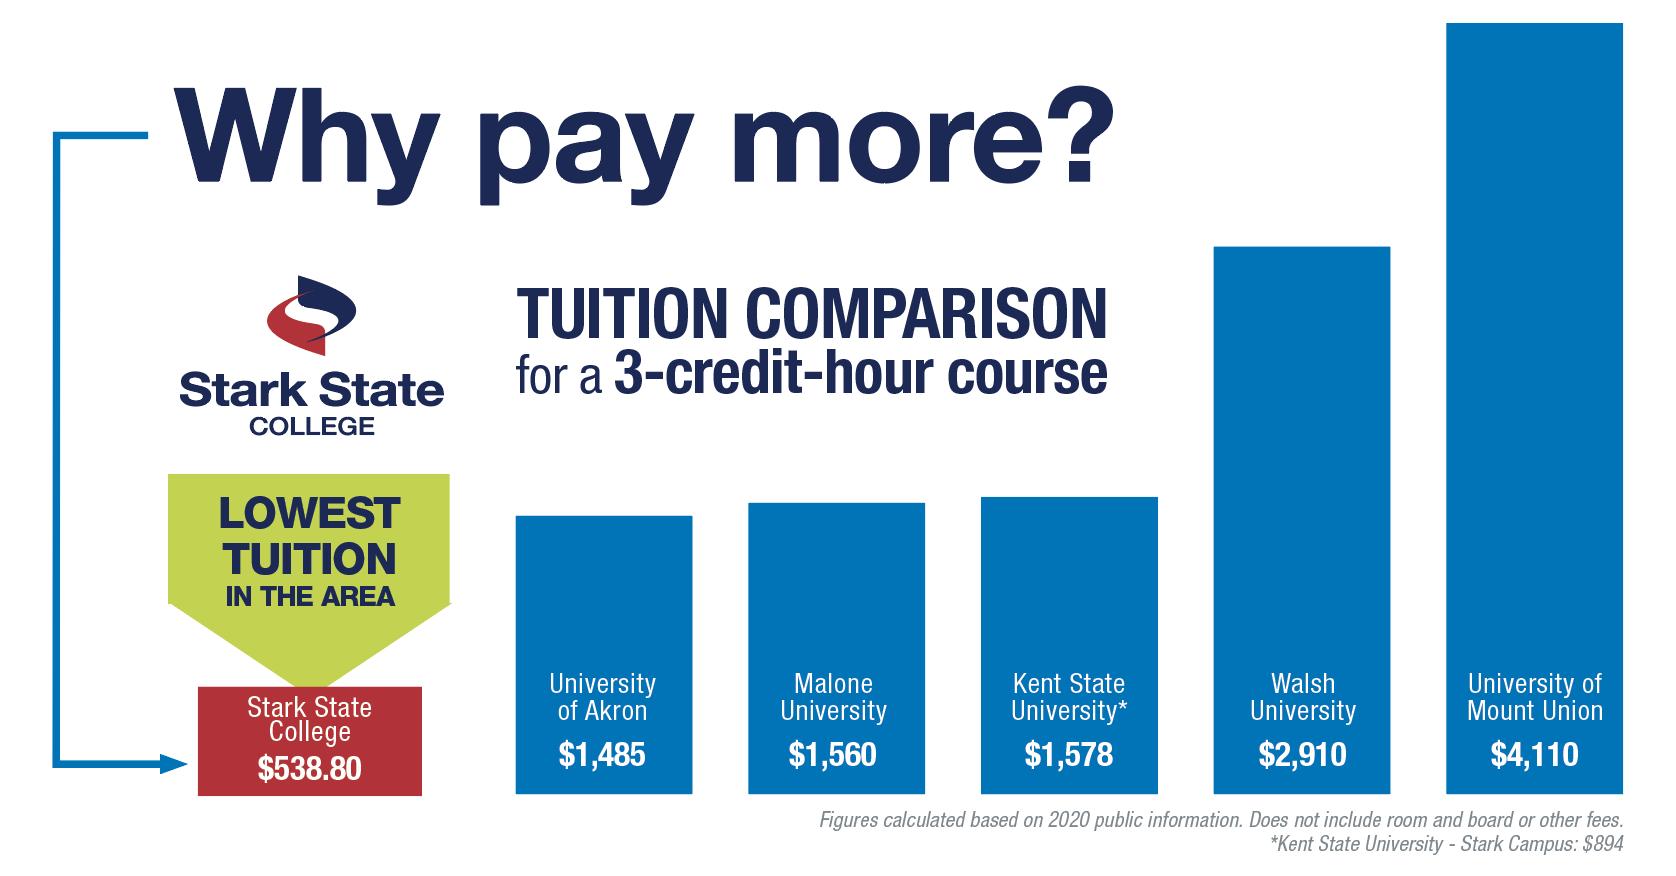 Tuition Comparison